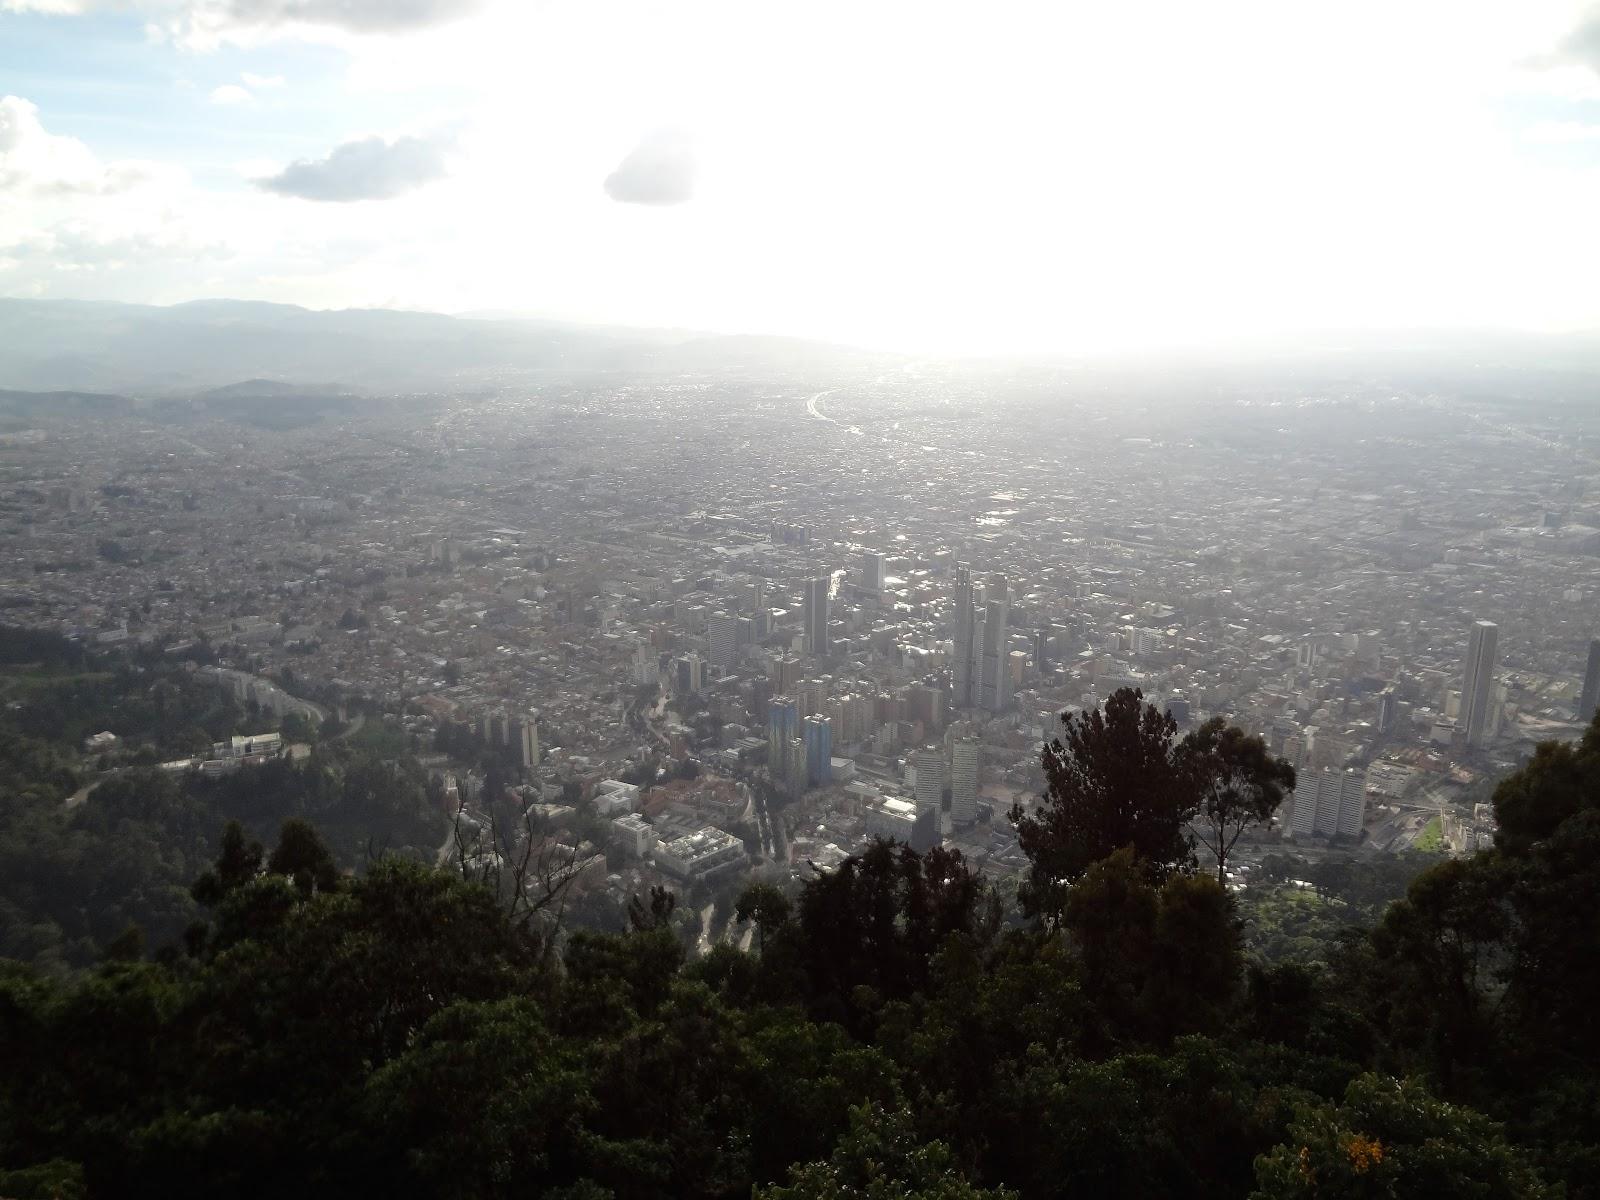 コロンビアのボゴタにあるモンセラーテの丘に登ってみた。